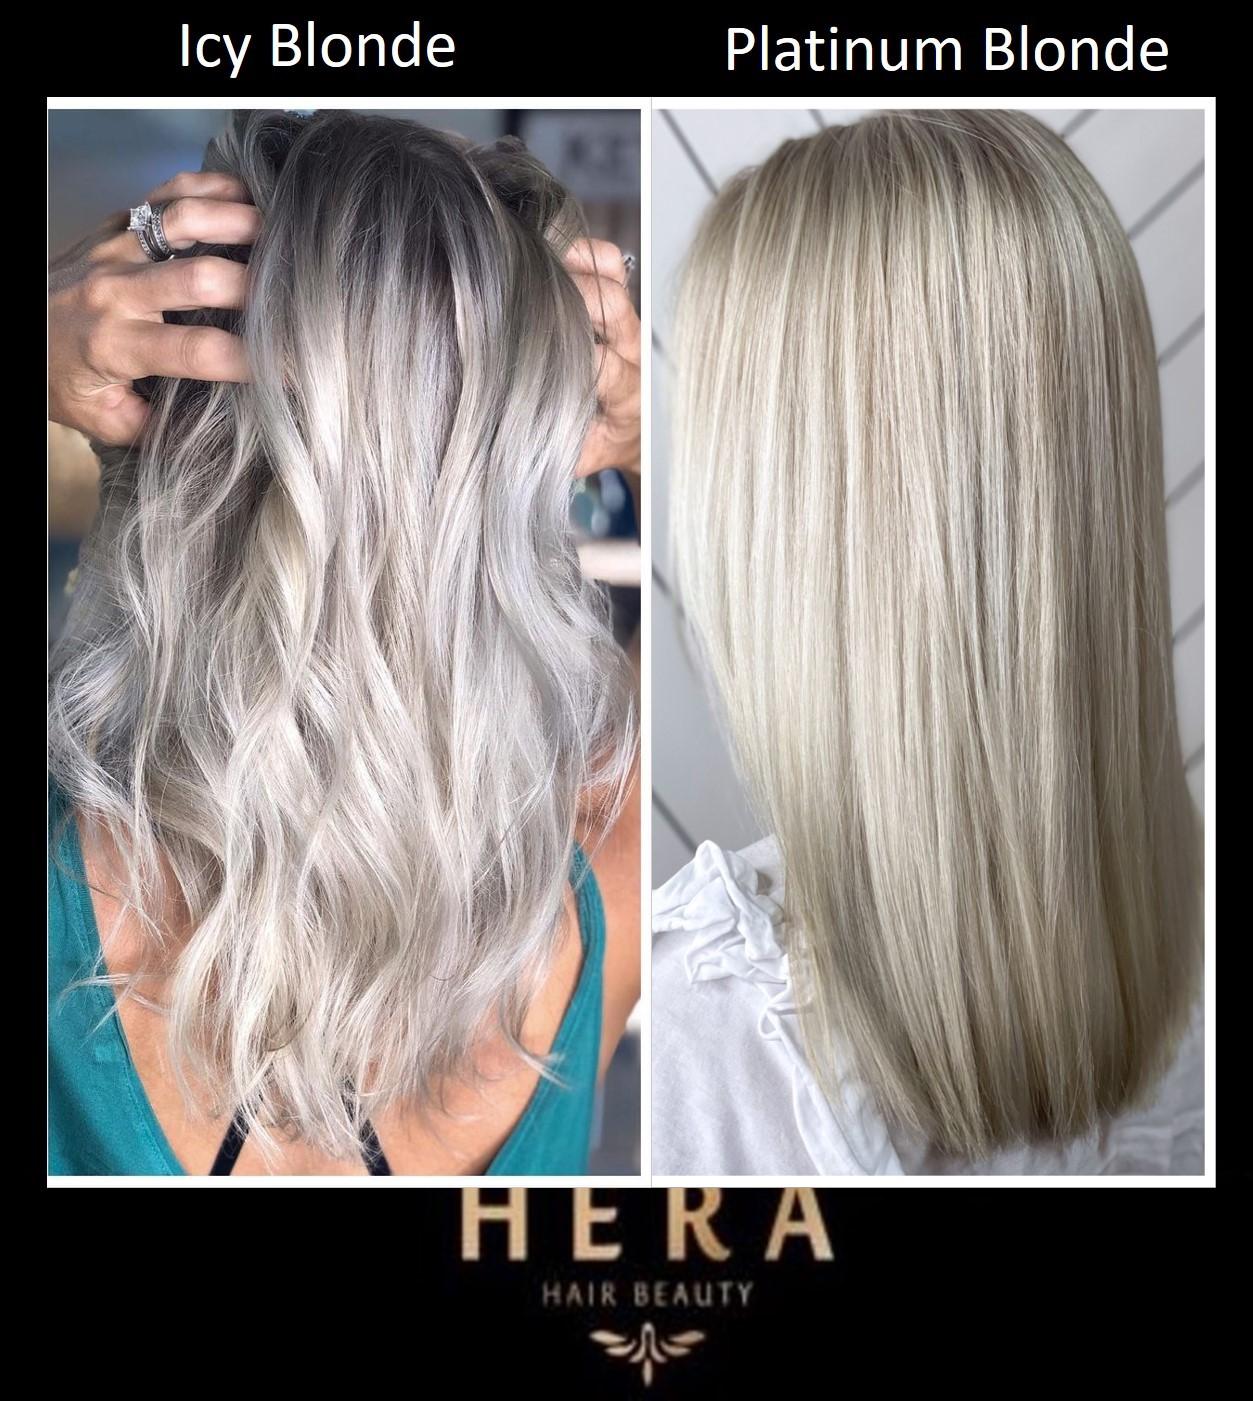 icy blonde vs platinum blonde (2)